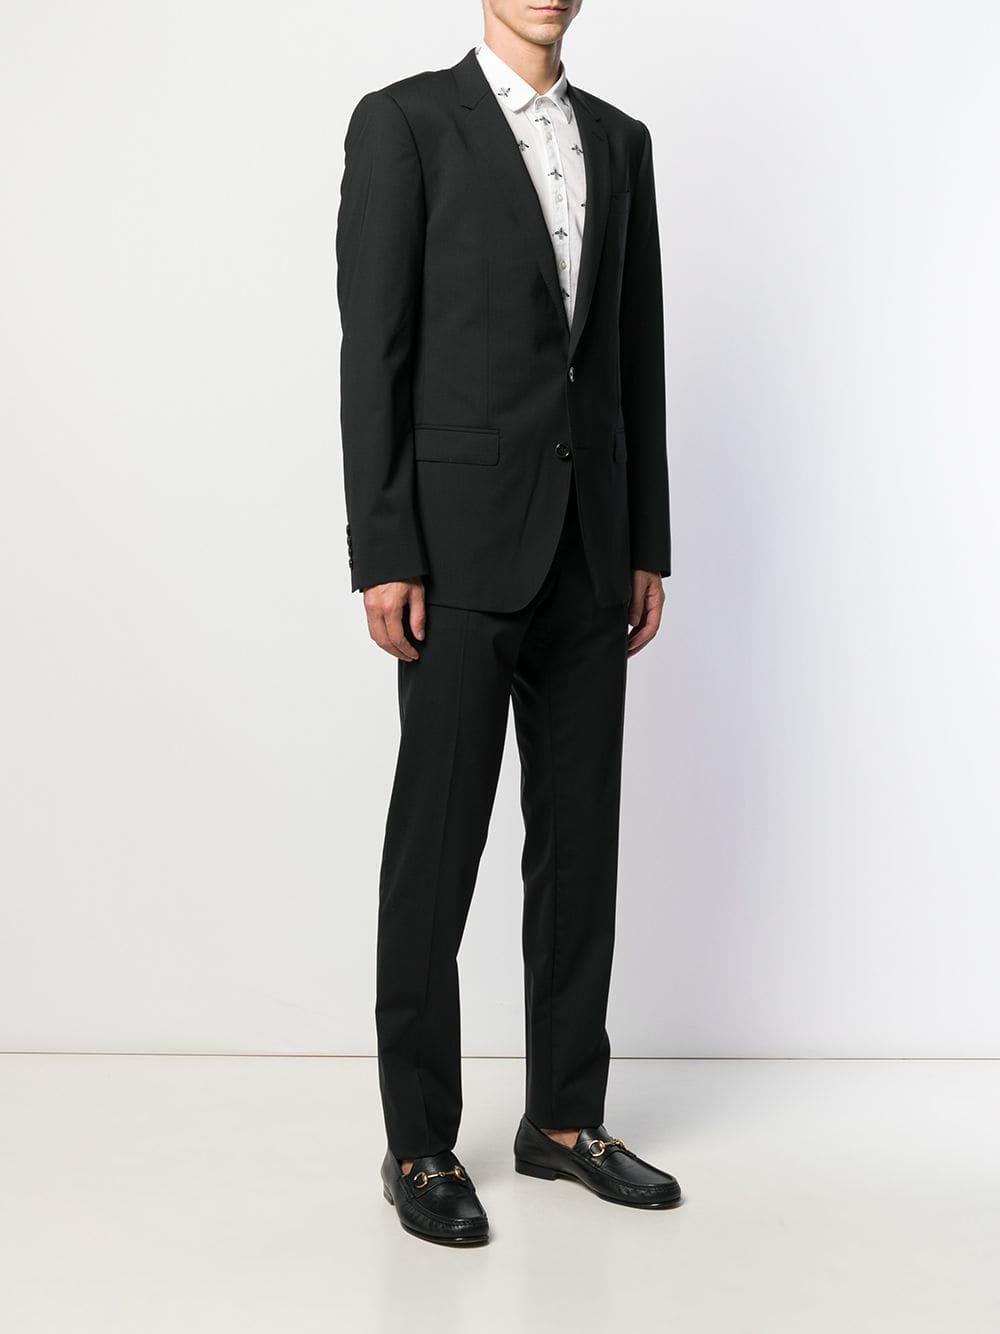 Dolce & Gabbana Wol Maatpak Met Enkele Rij Knopen in het Zwart voor heren